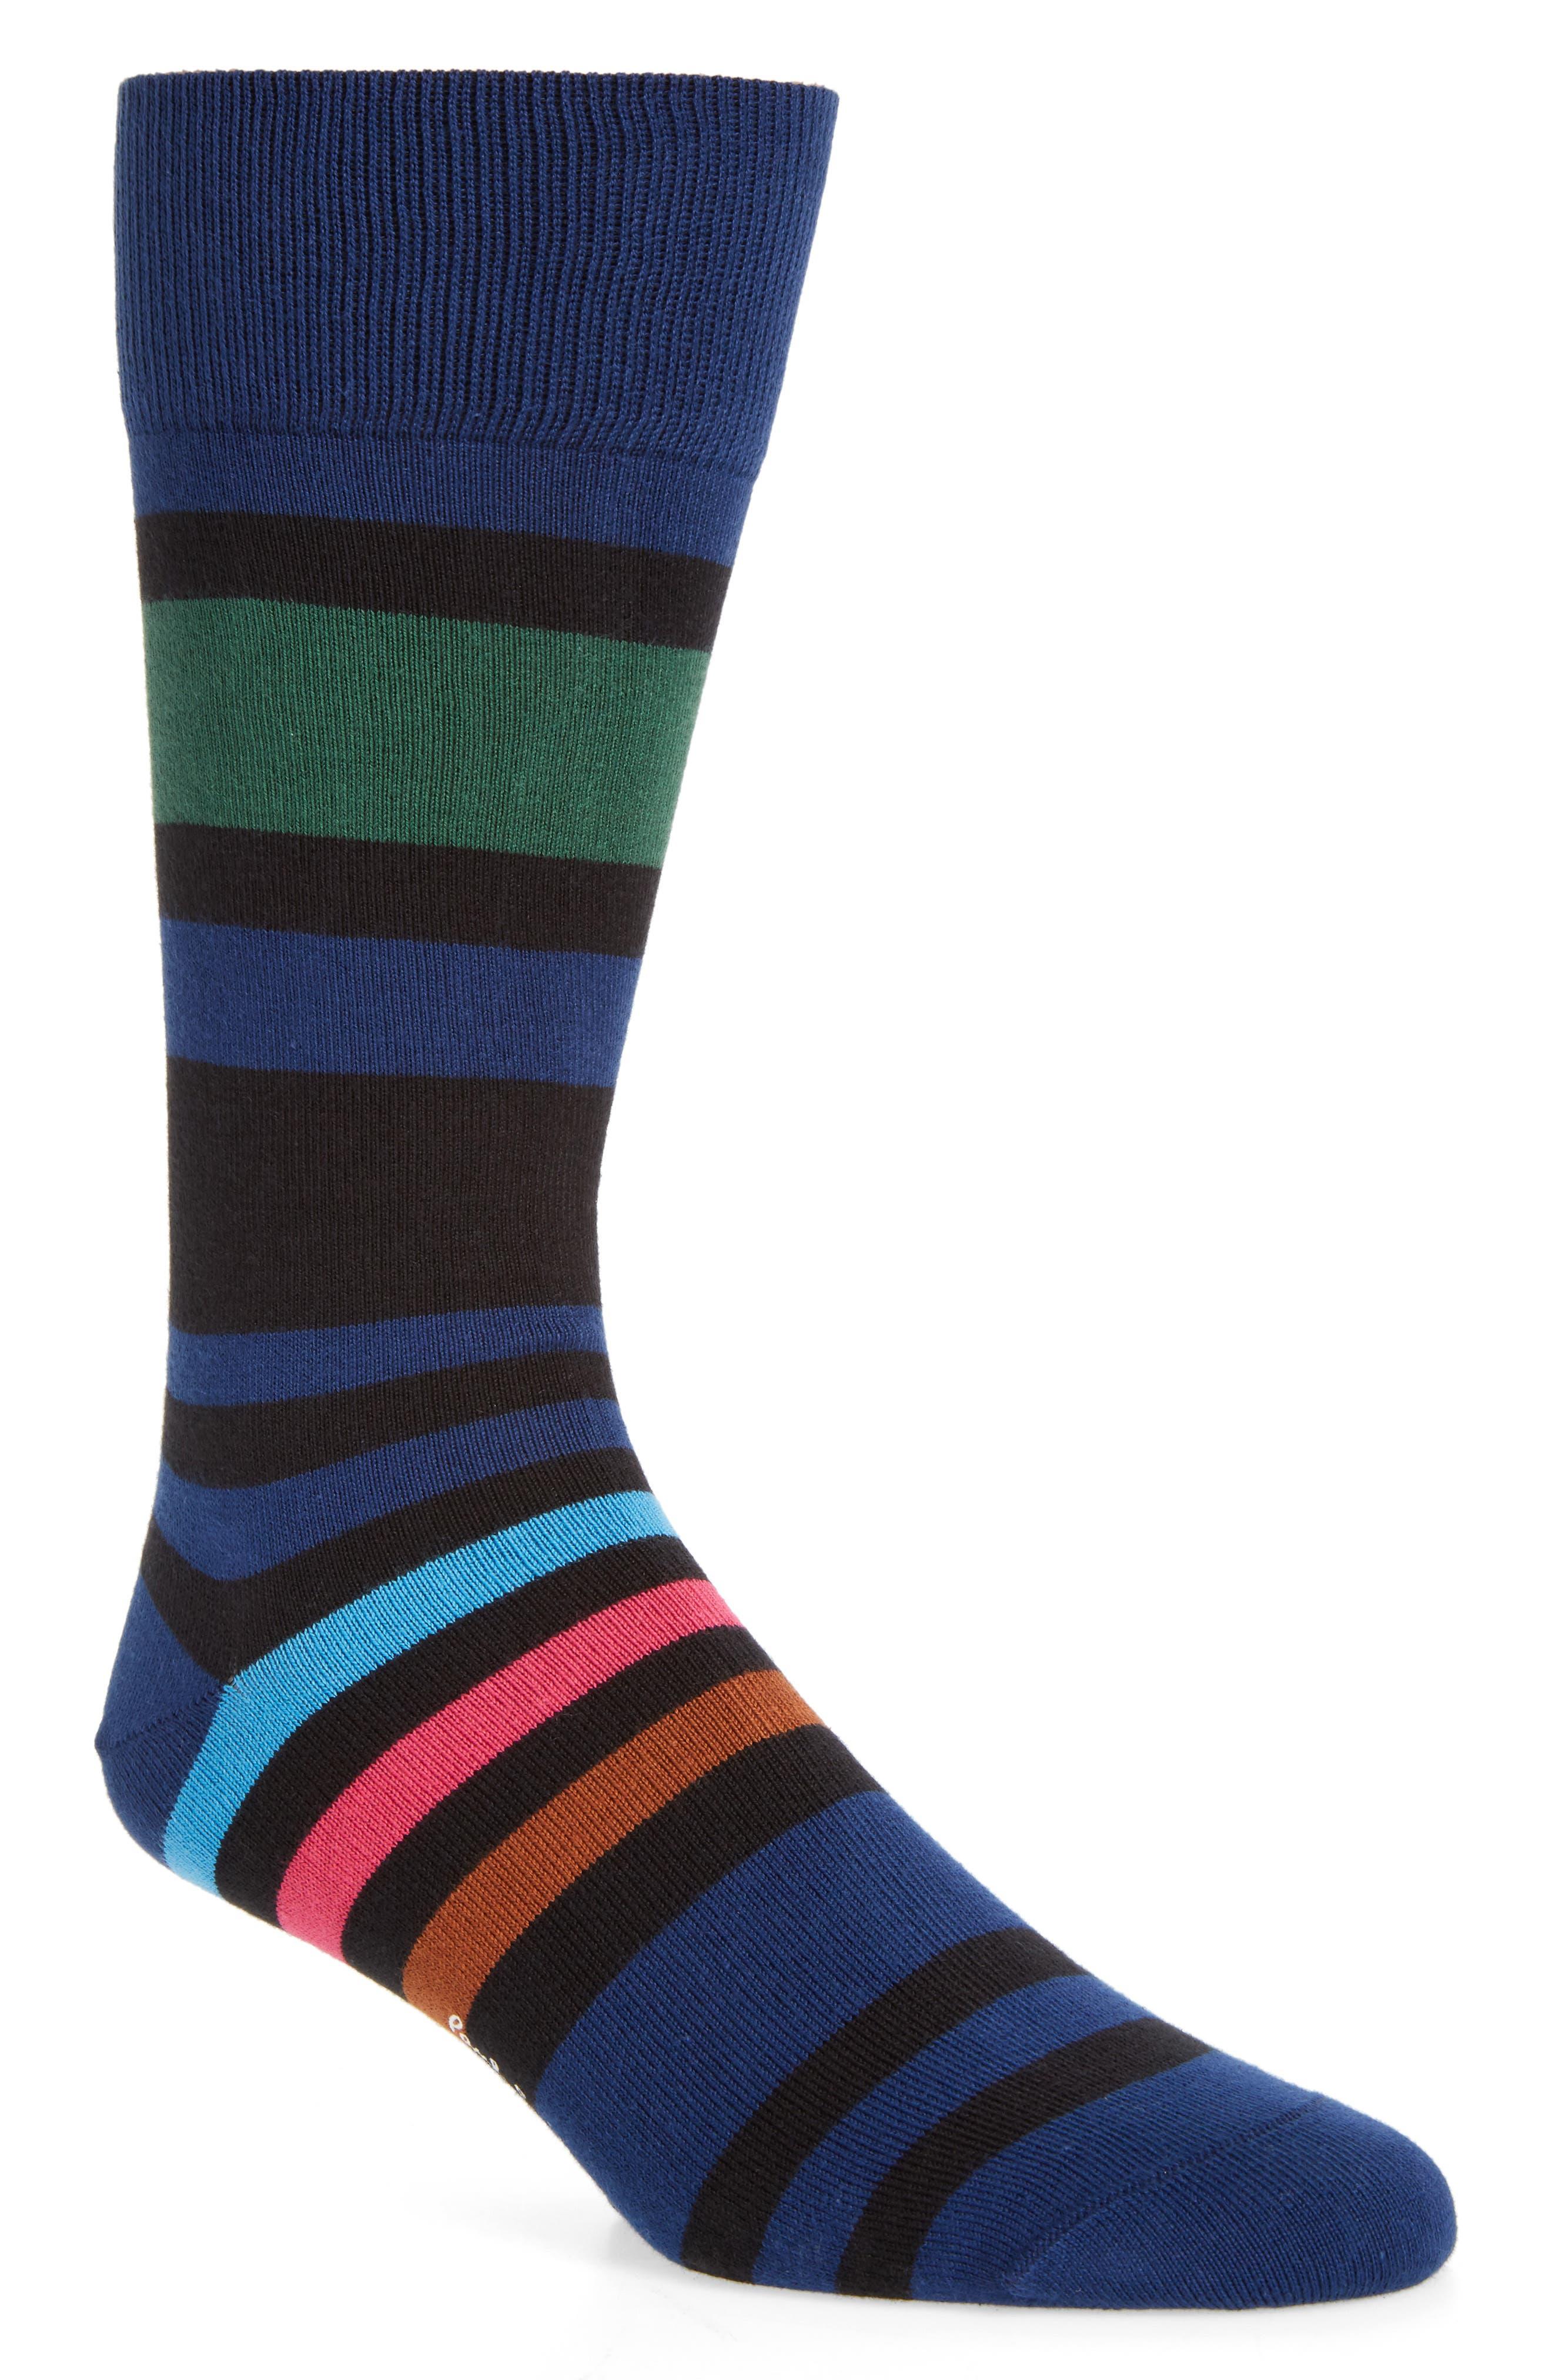 Main Image - Paul Smith Odd Block Stripe Socks